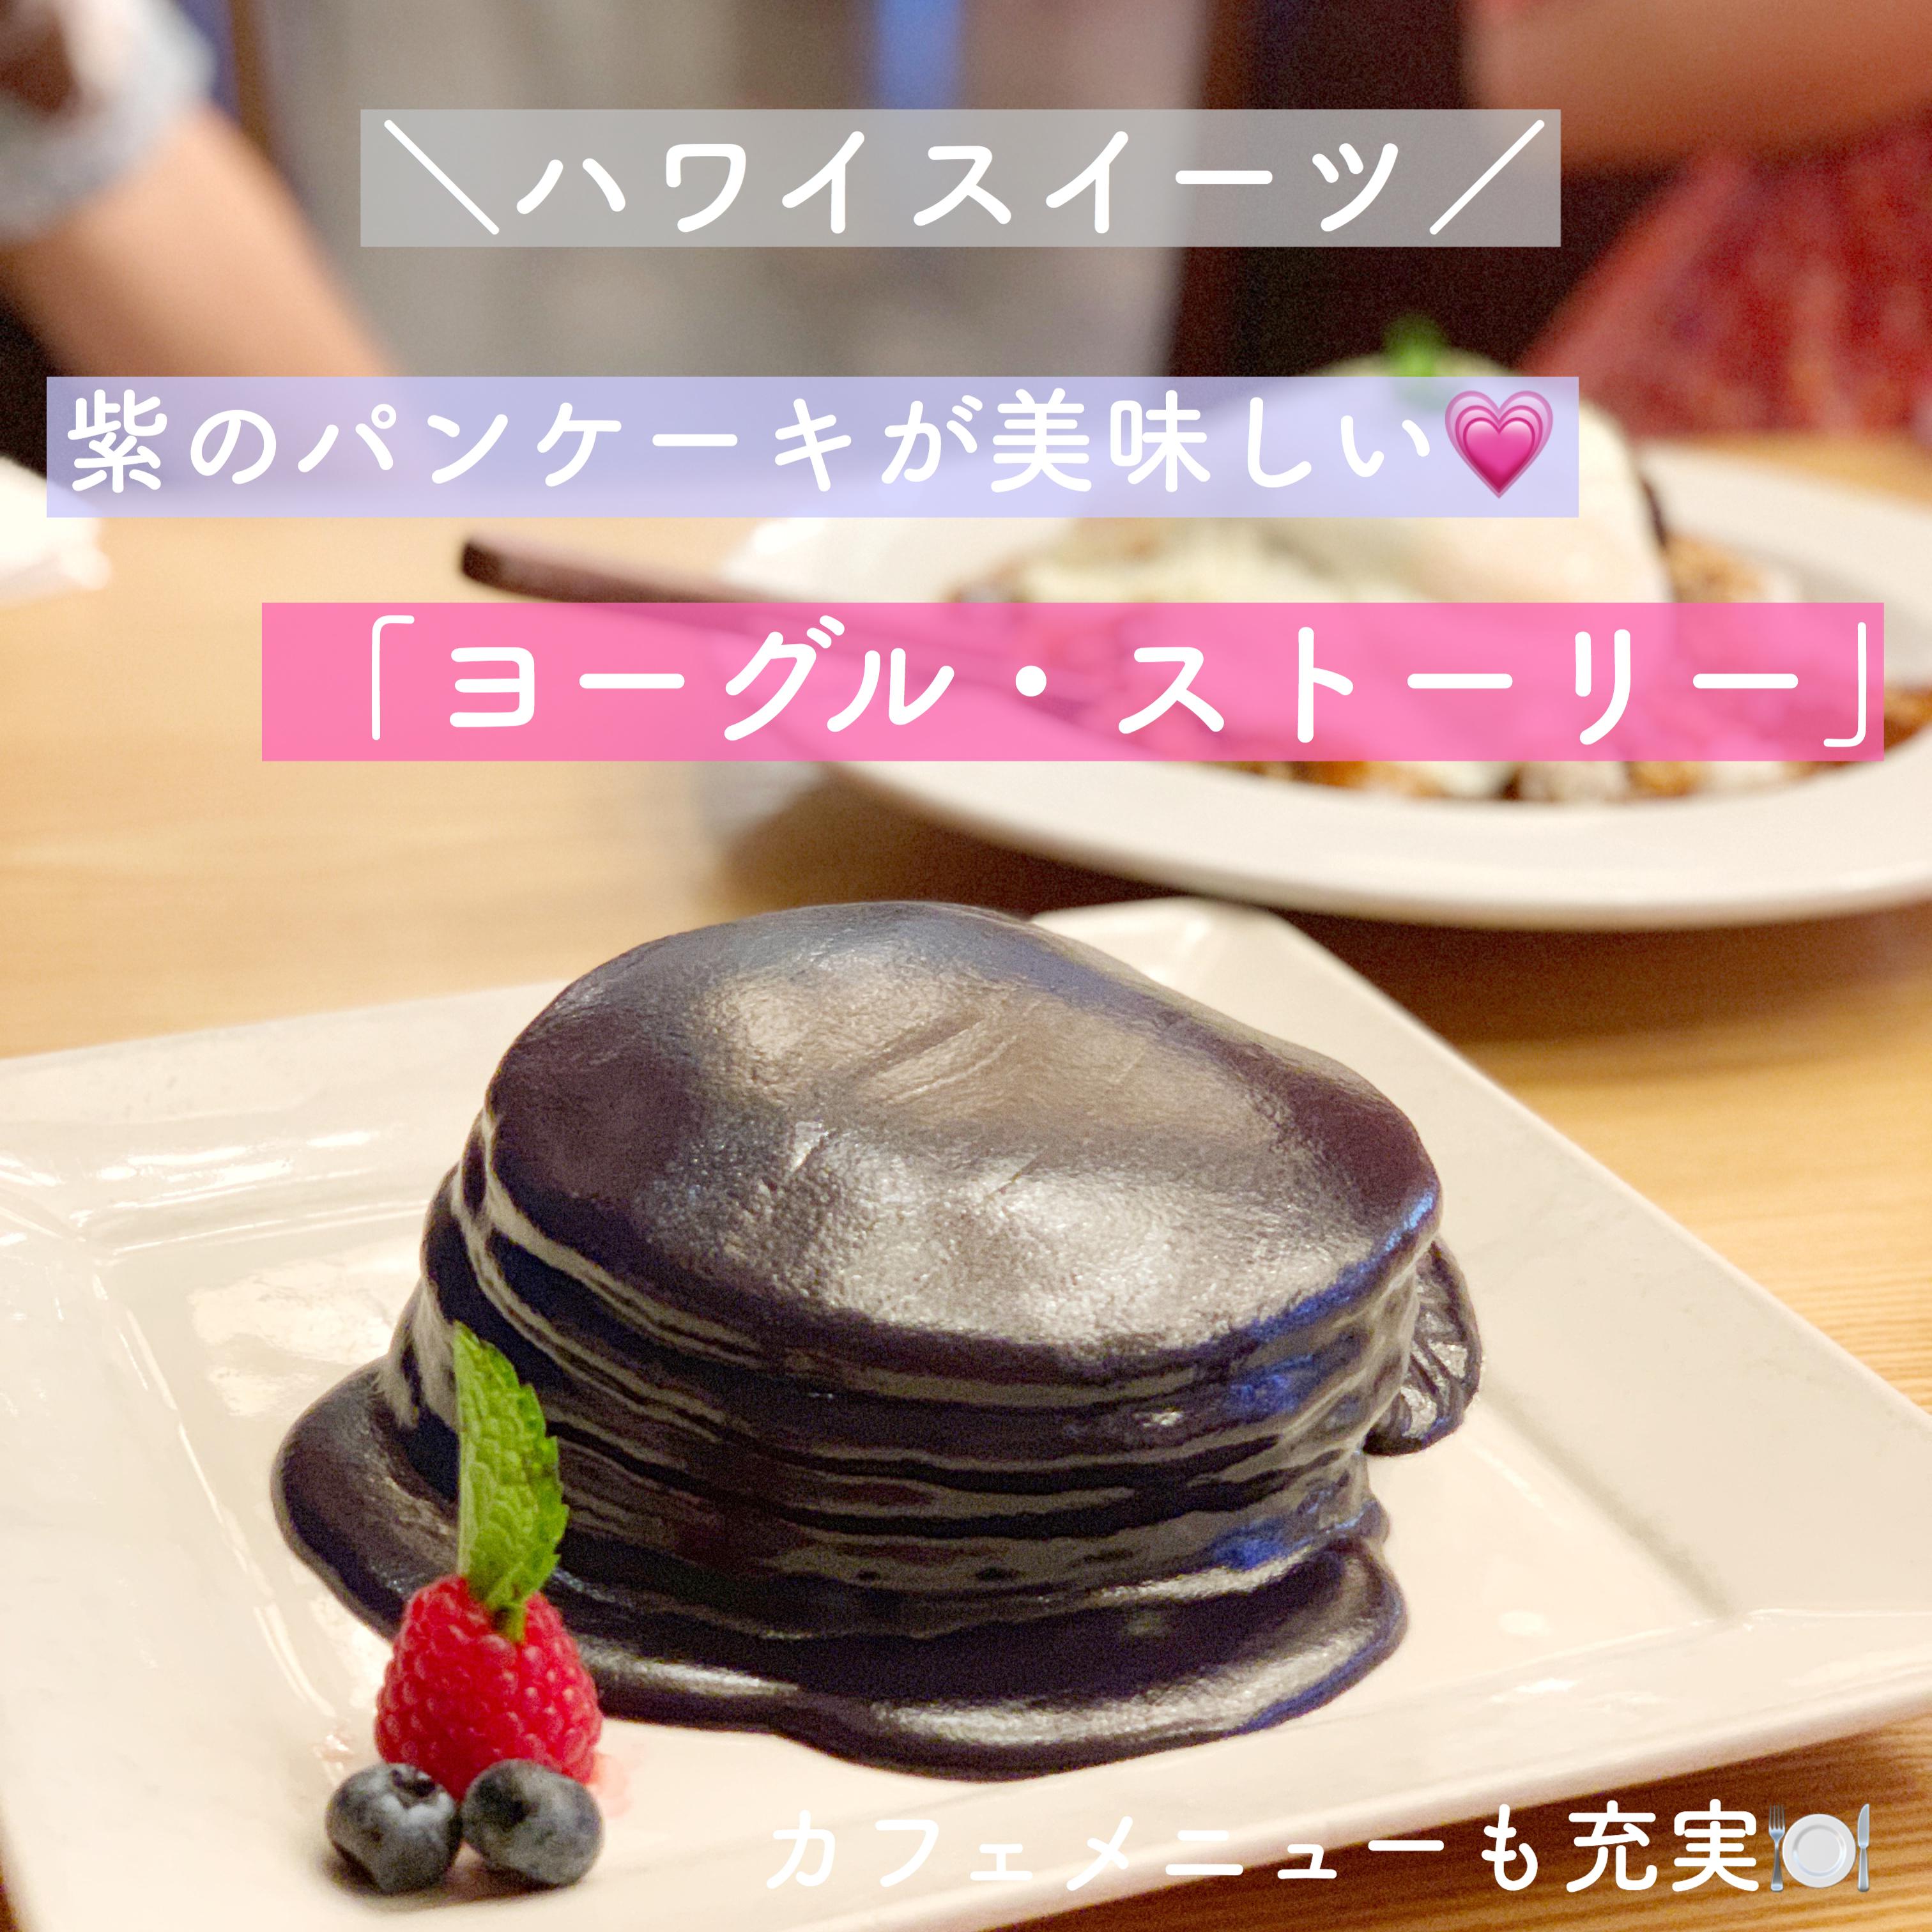 【ハワイスイーツ】紫のパンケーキ!「ヨーグル・ストーリー」が話題【おすすめ】